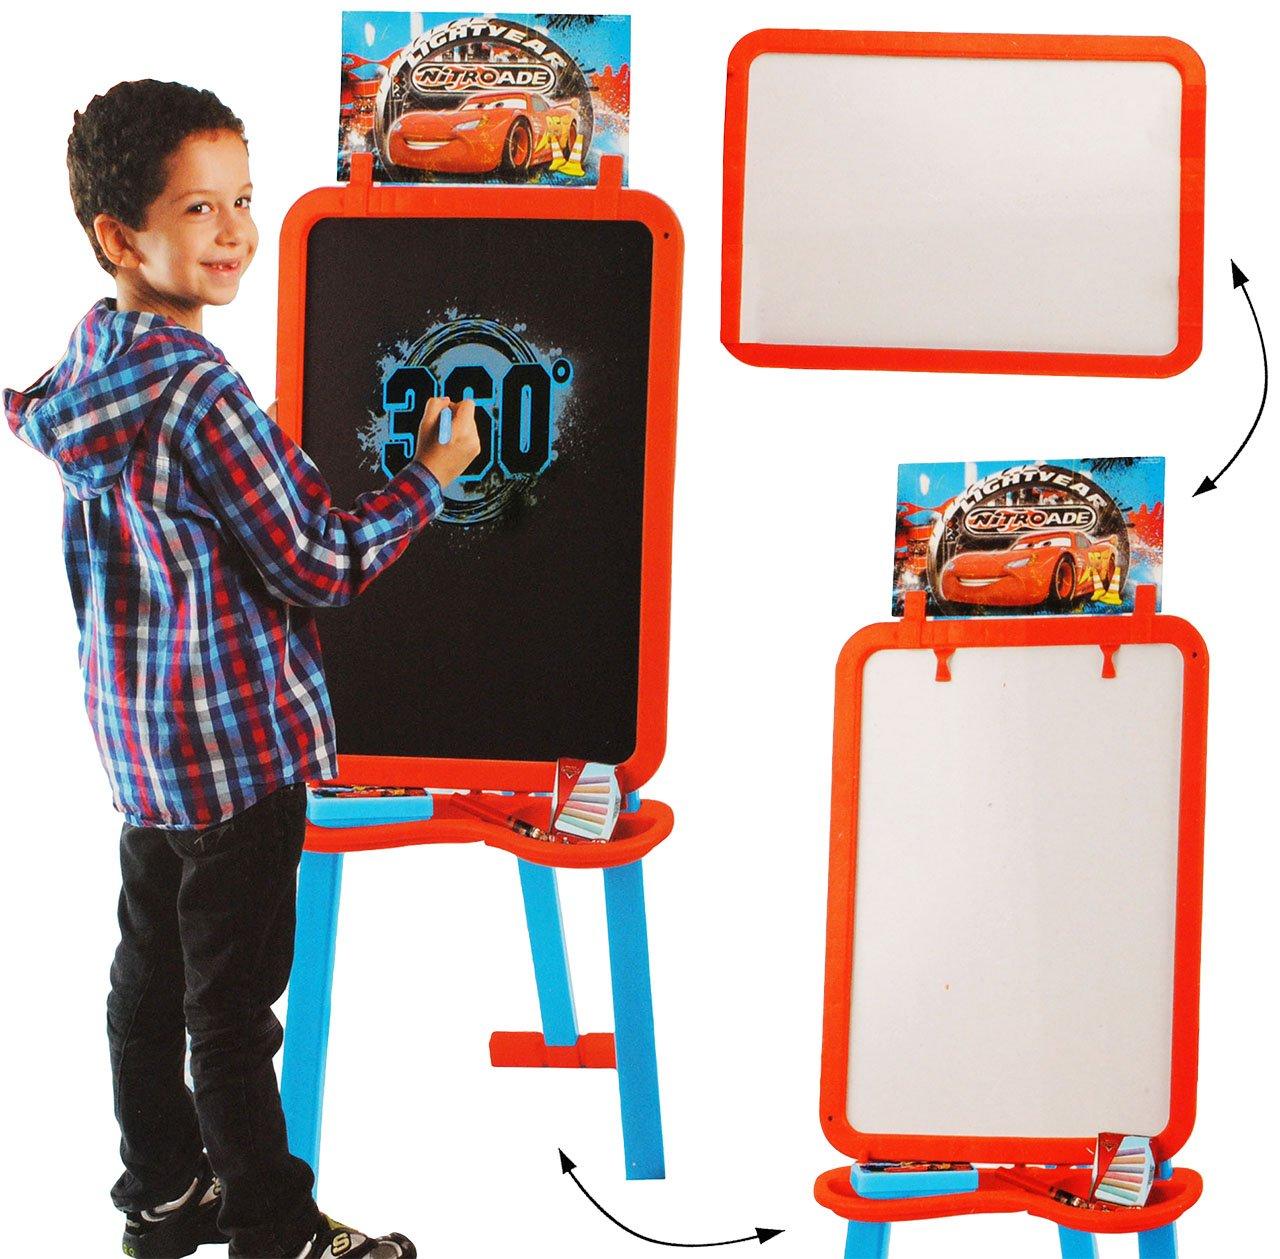 alles-meine.de GmbH 3 in 1: Schreibtafel / Maltafel / Staffelei - Disney Cars - Lightning McQueen - incl. Name - 1, 18 m hoch - mit Blackboard & Whiteboard - doppelseitig - Se..